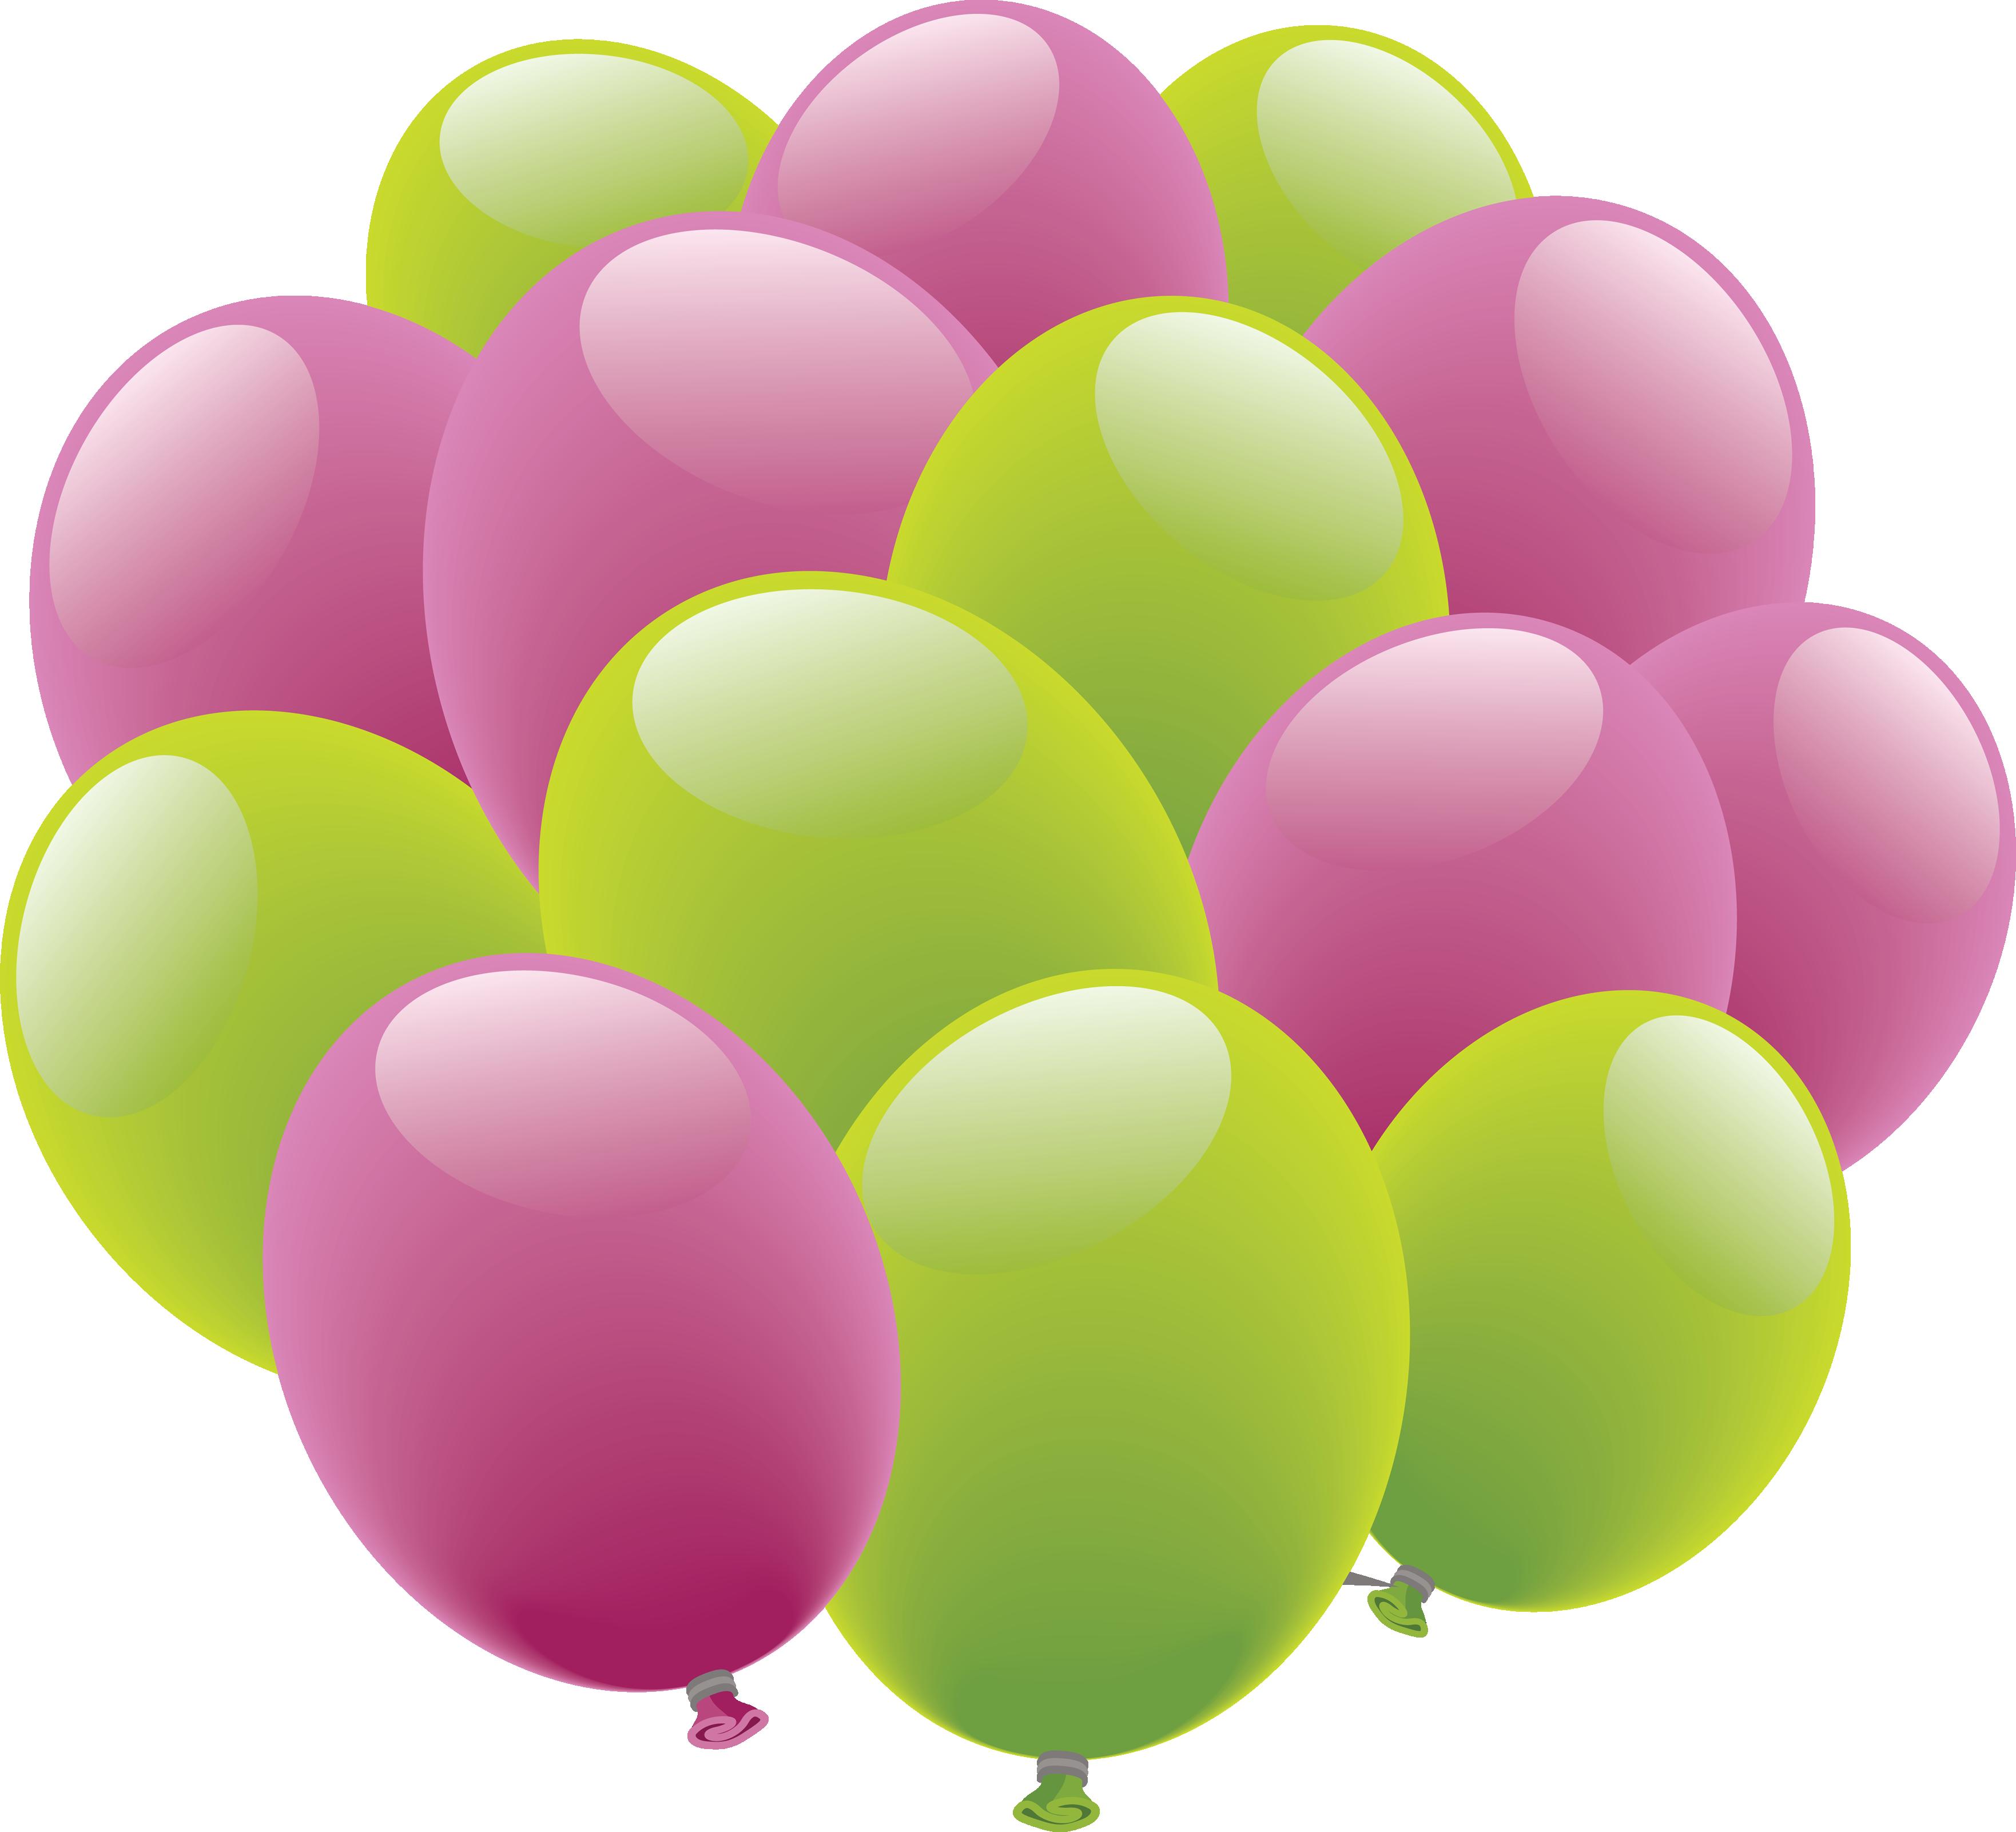 Balloon clipart five Balloons Stock noBACKS Gallery Photos